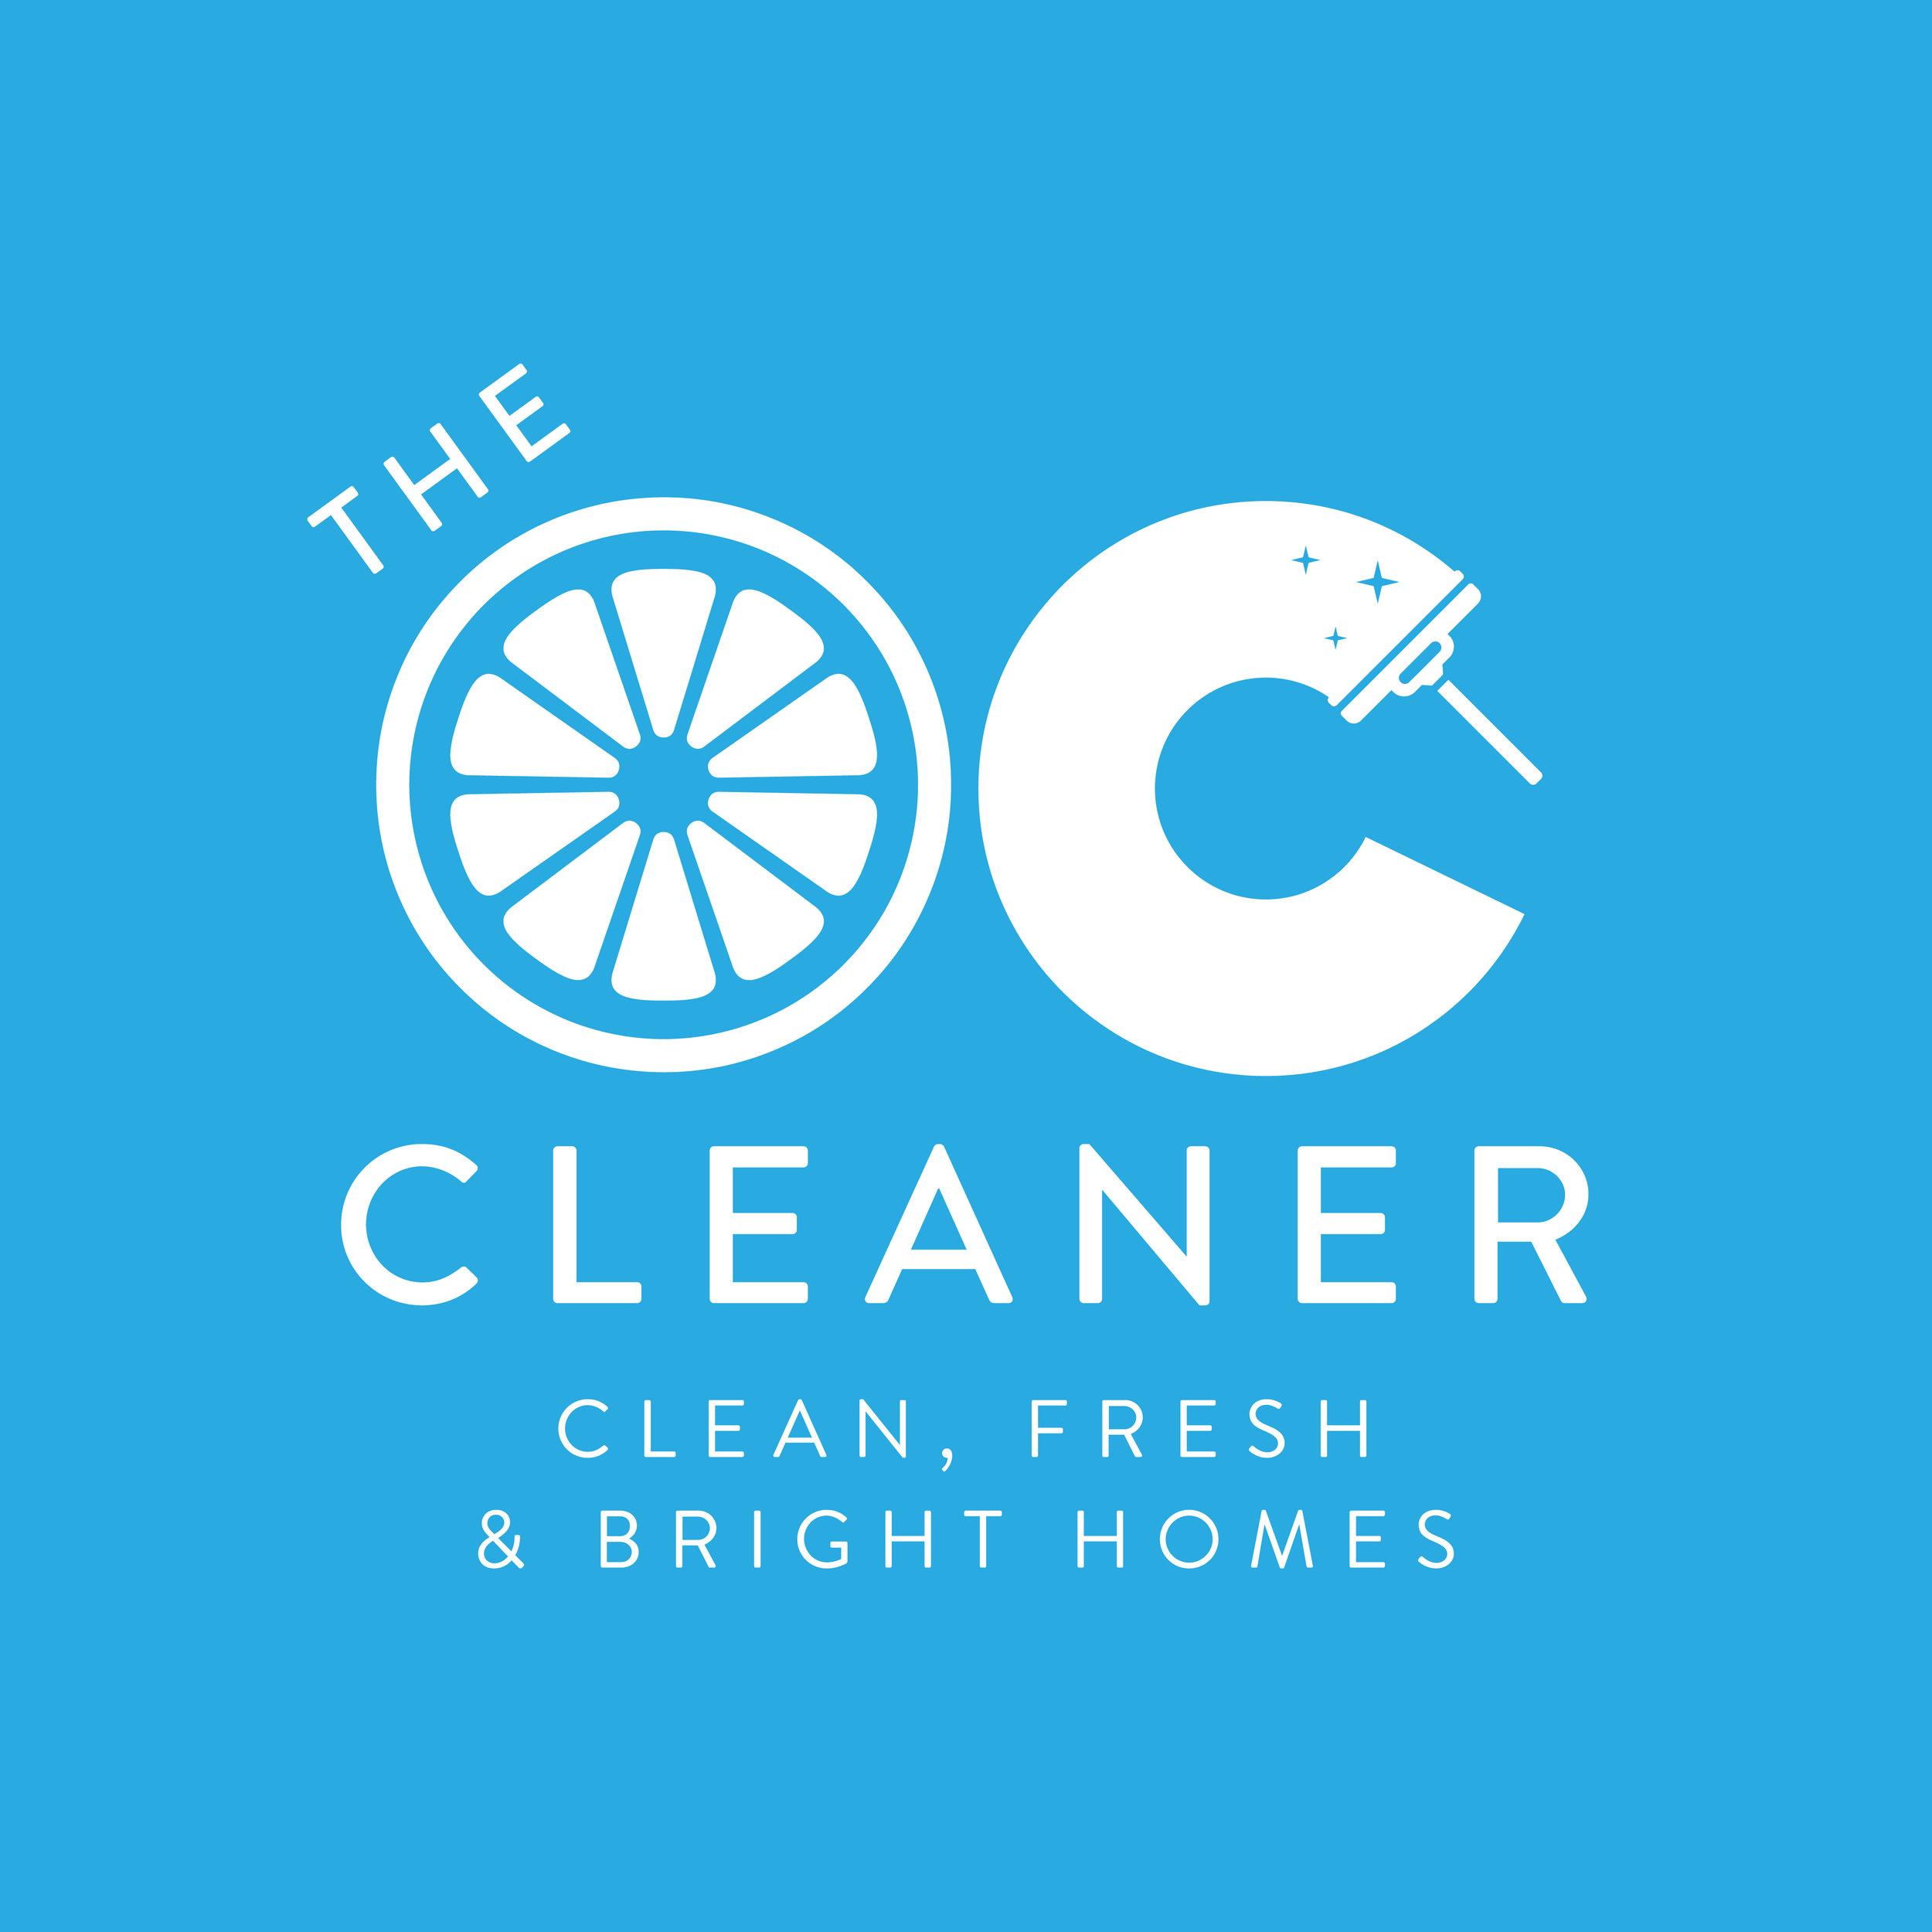 the-oc-cleaner-instagram-post-02.jpg